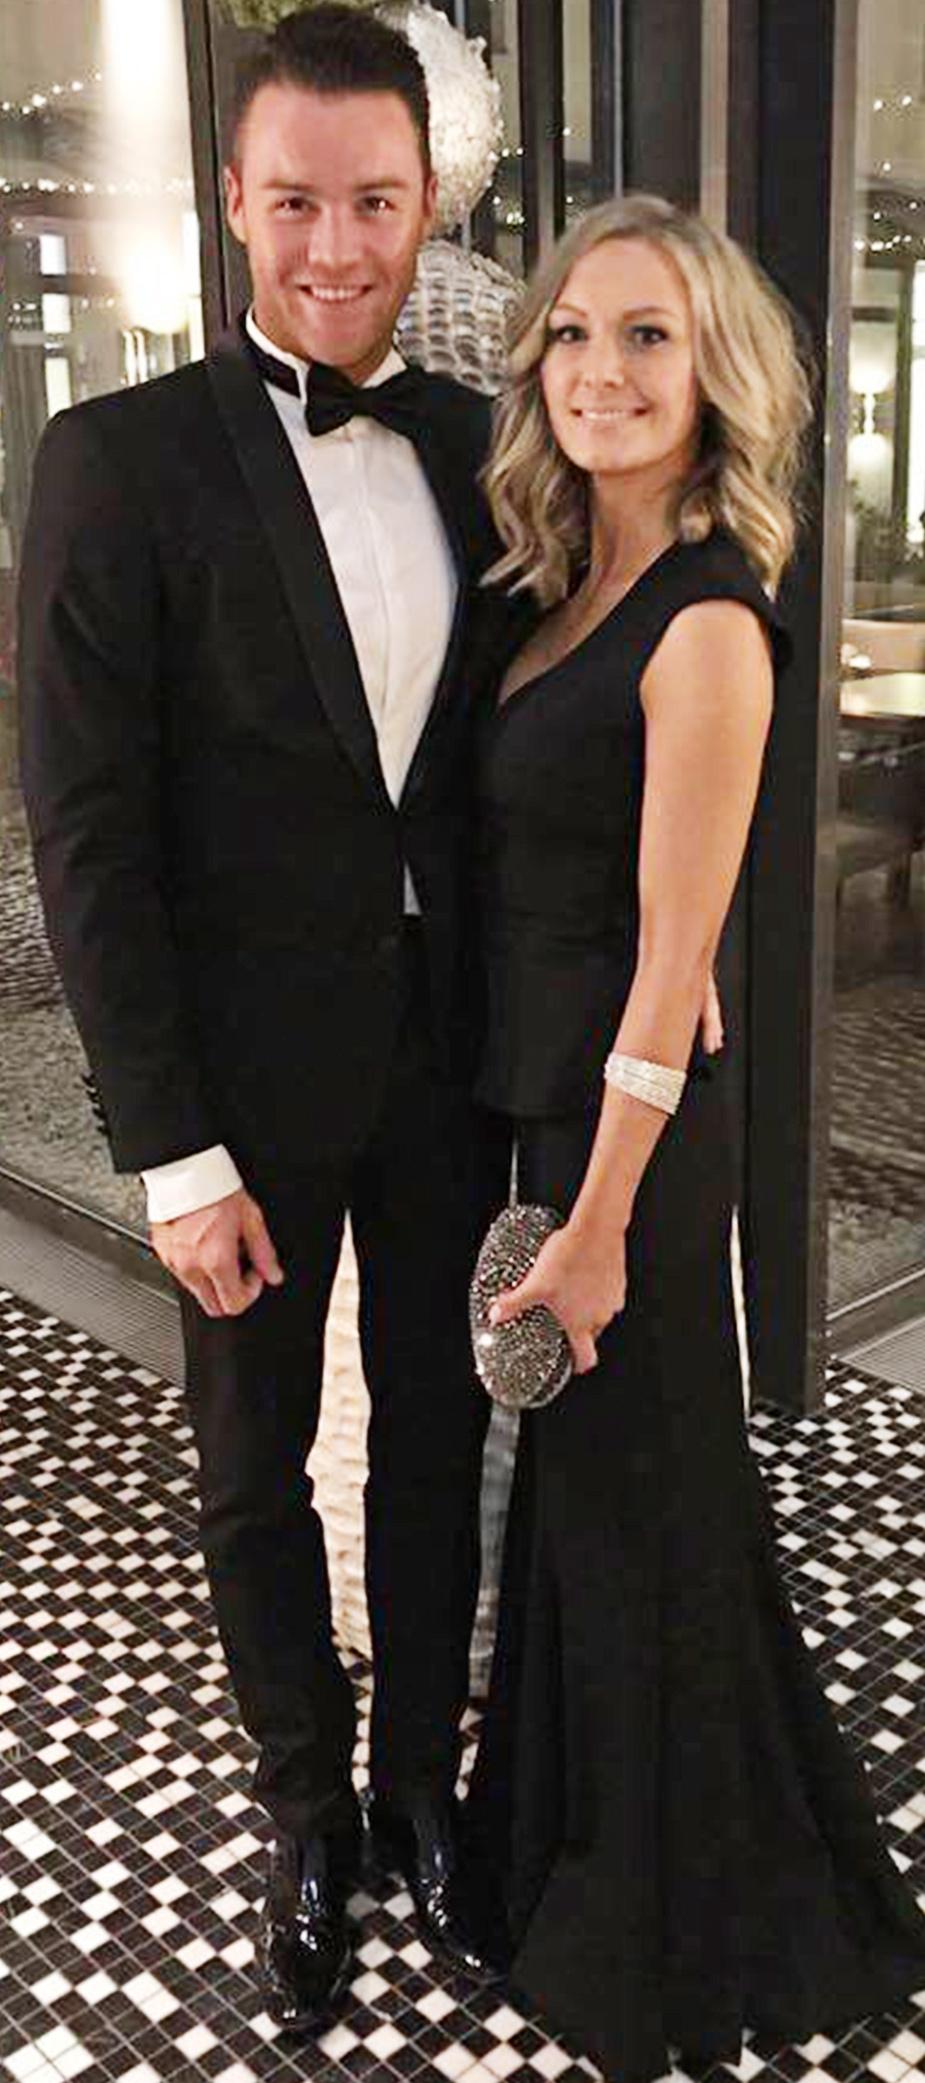 Abendkleid mit Schösschen in Schwarz